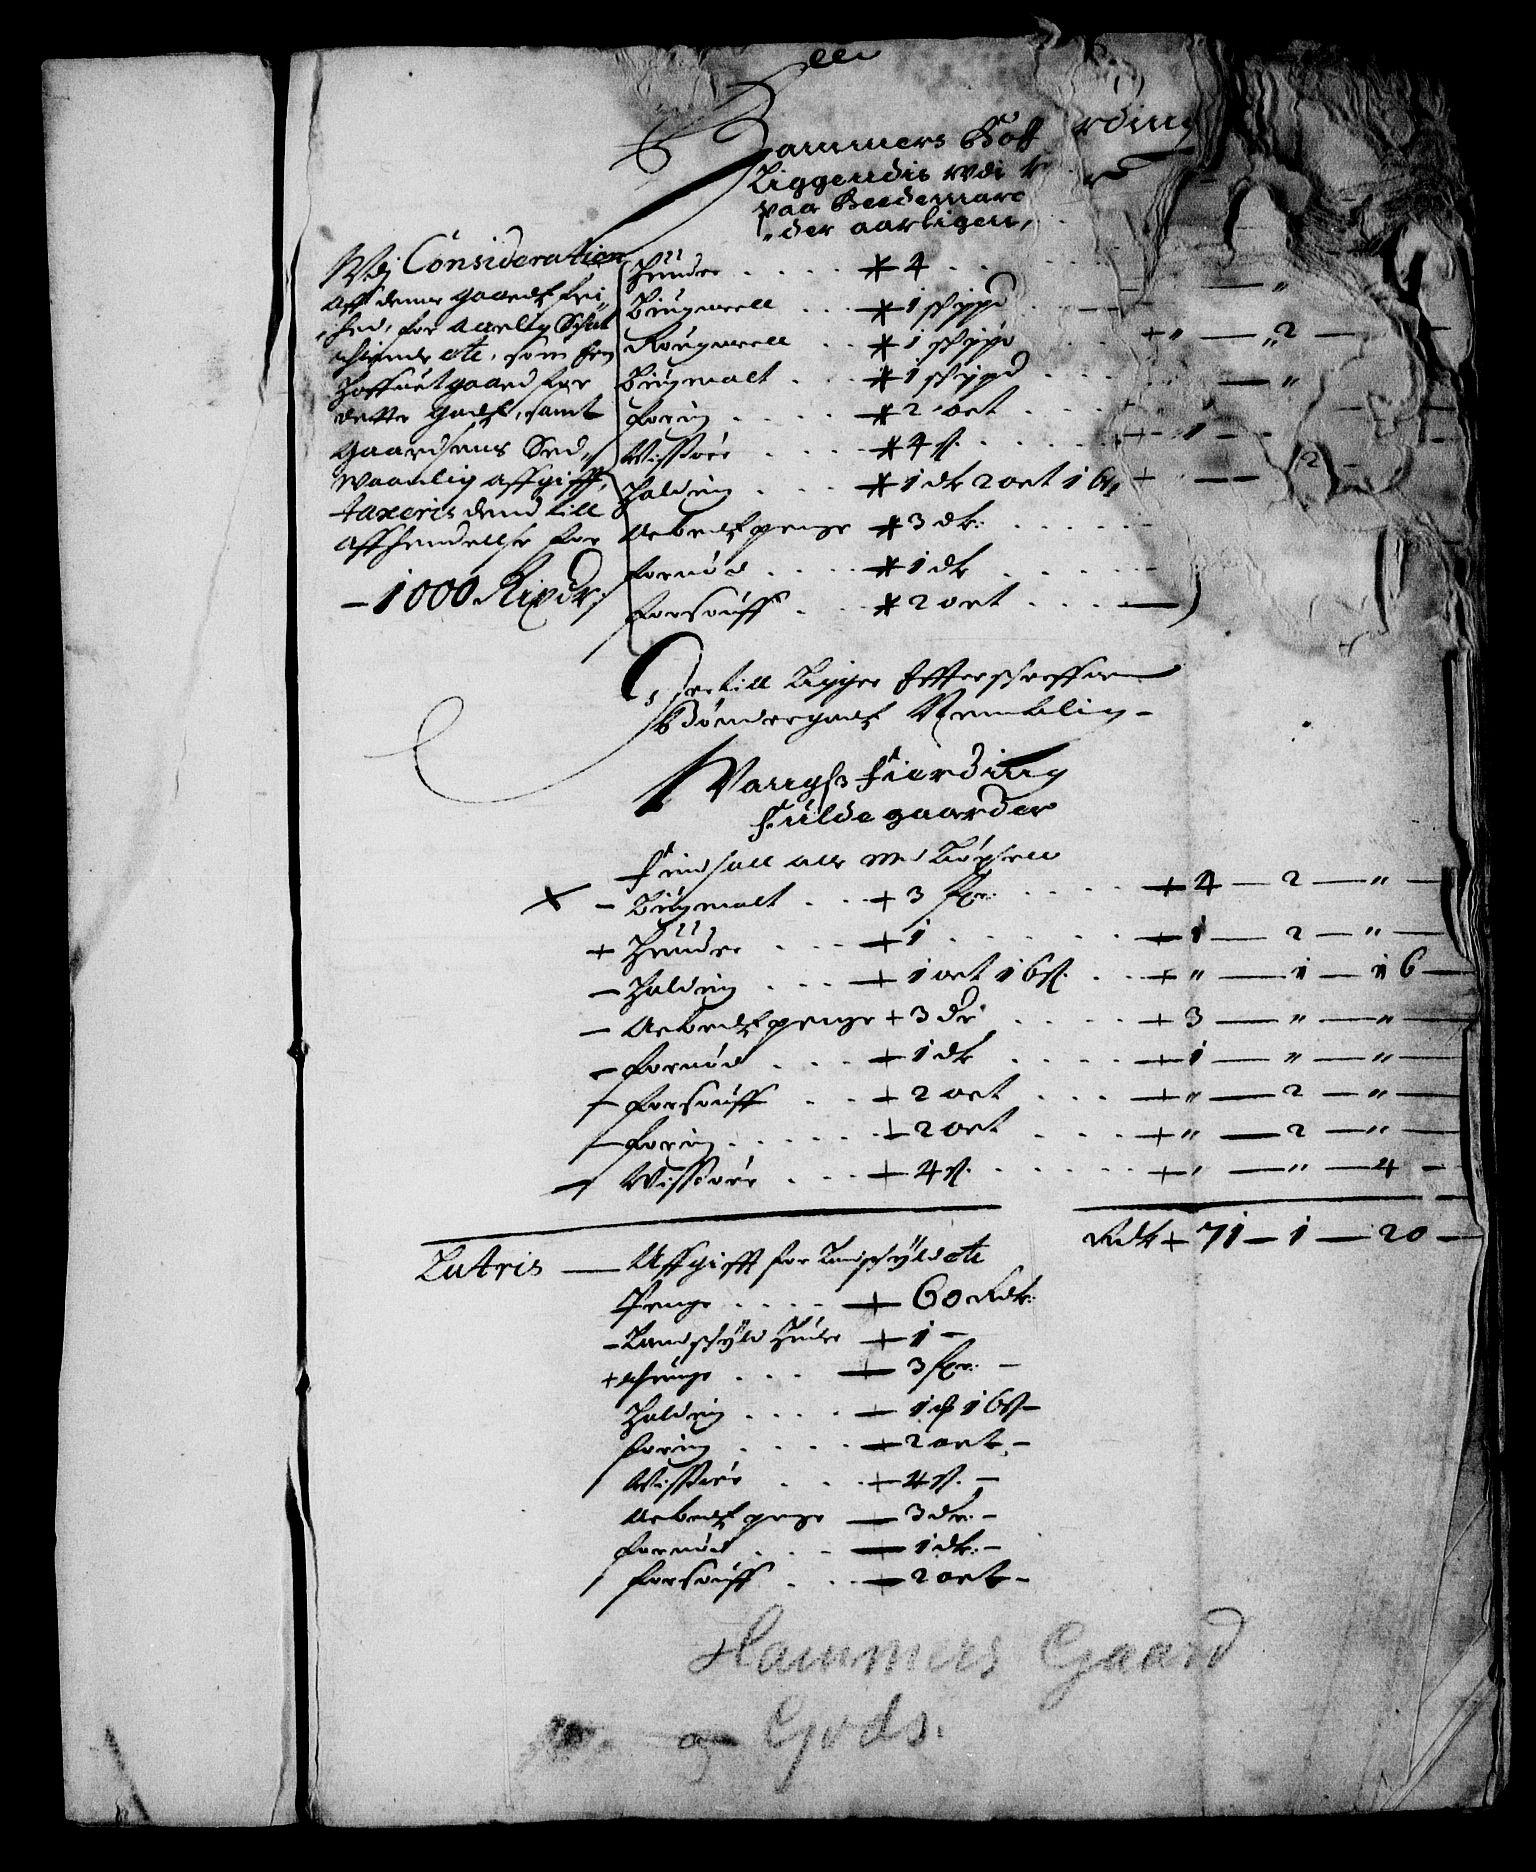 RA, Rentekammeret inntil 1814, Realistisk ordnet avdeling, On/L0008: [Jj 9]: Jordebøker innlevert til kongelig kommisjon 1672: Hammar, Osgård, Sem med Skjelbred, Fossesholm, Fiskum og Ulland (1669-1672), Strøm (1658-u.d. og 1672-73) samt Svanøy gods i Sunnfjord (1657)., 1672, s. 2